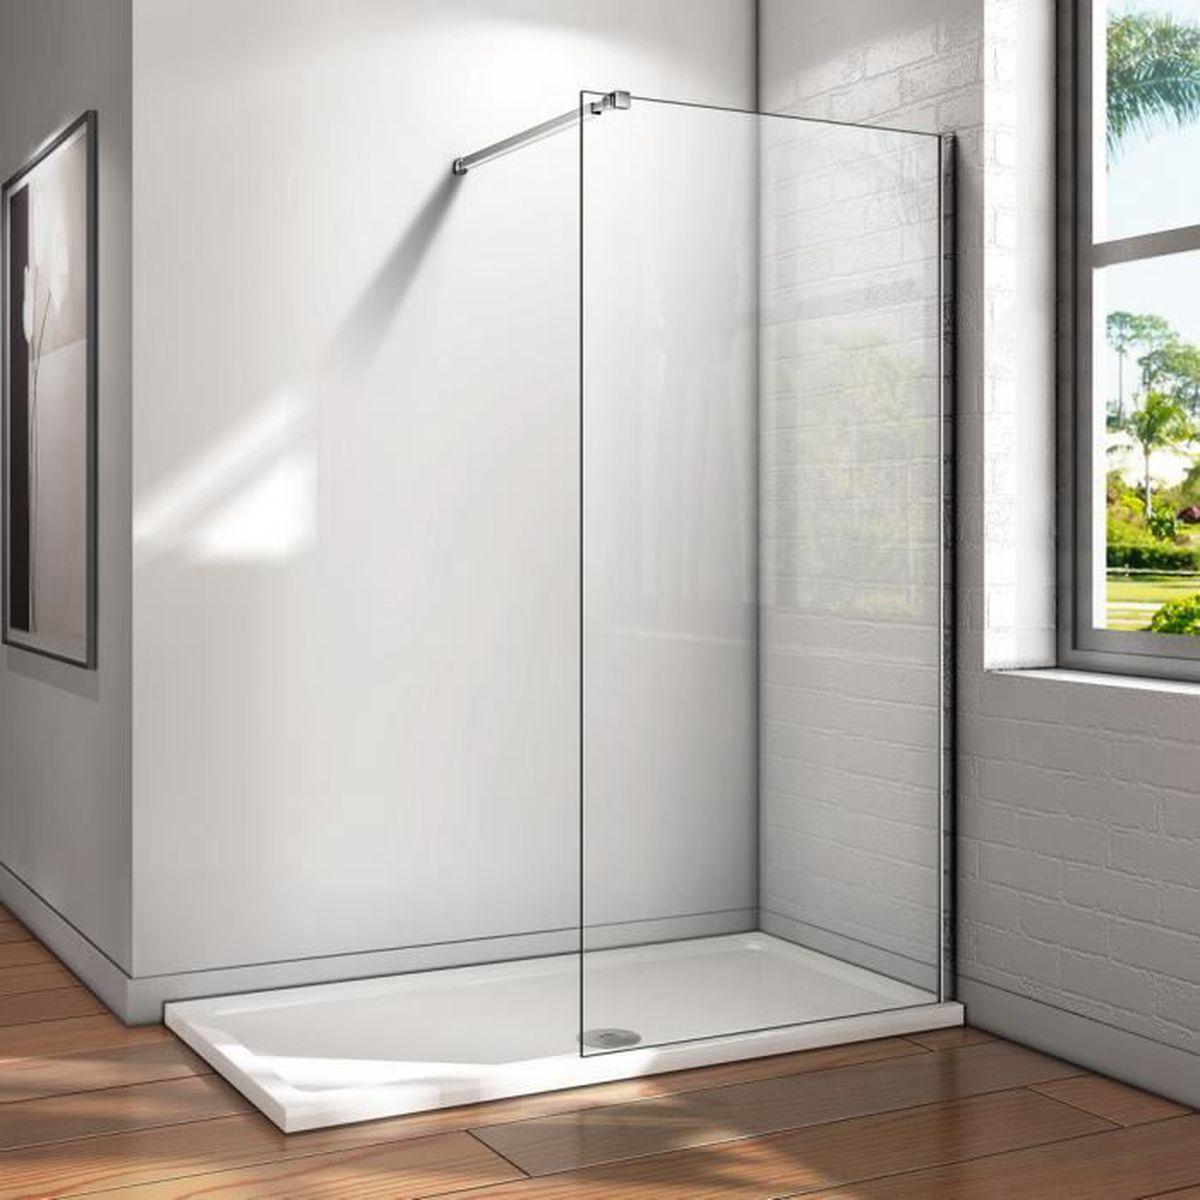 paroi de douche 120 cm achat vente paroi de douche 120 cm pas cher cdiscount. Black Bedroom Furniture Sets. Home Design Ideas